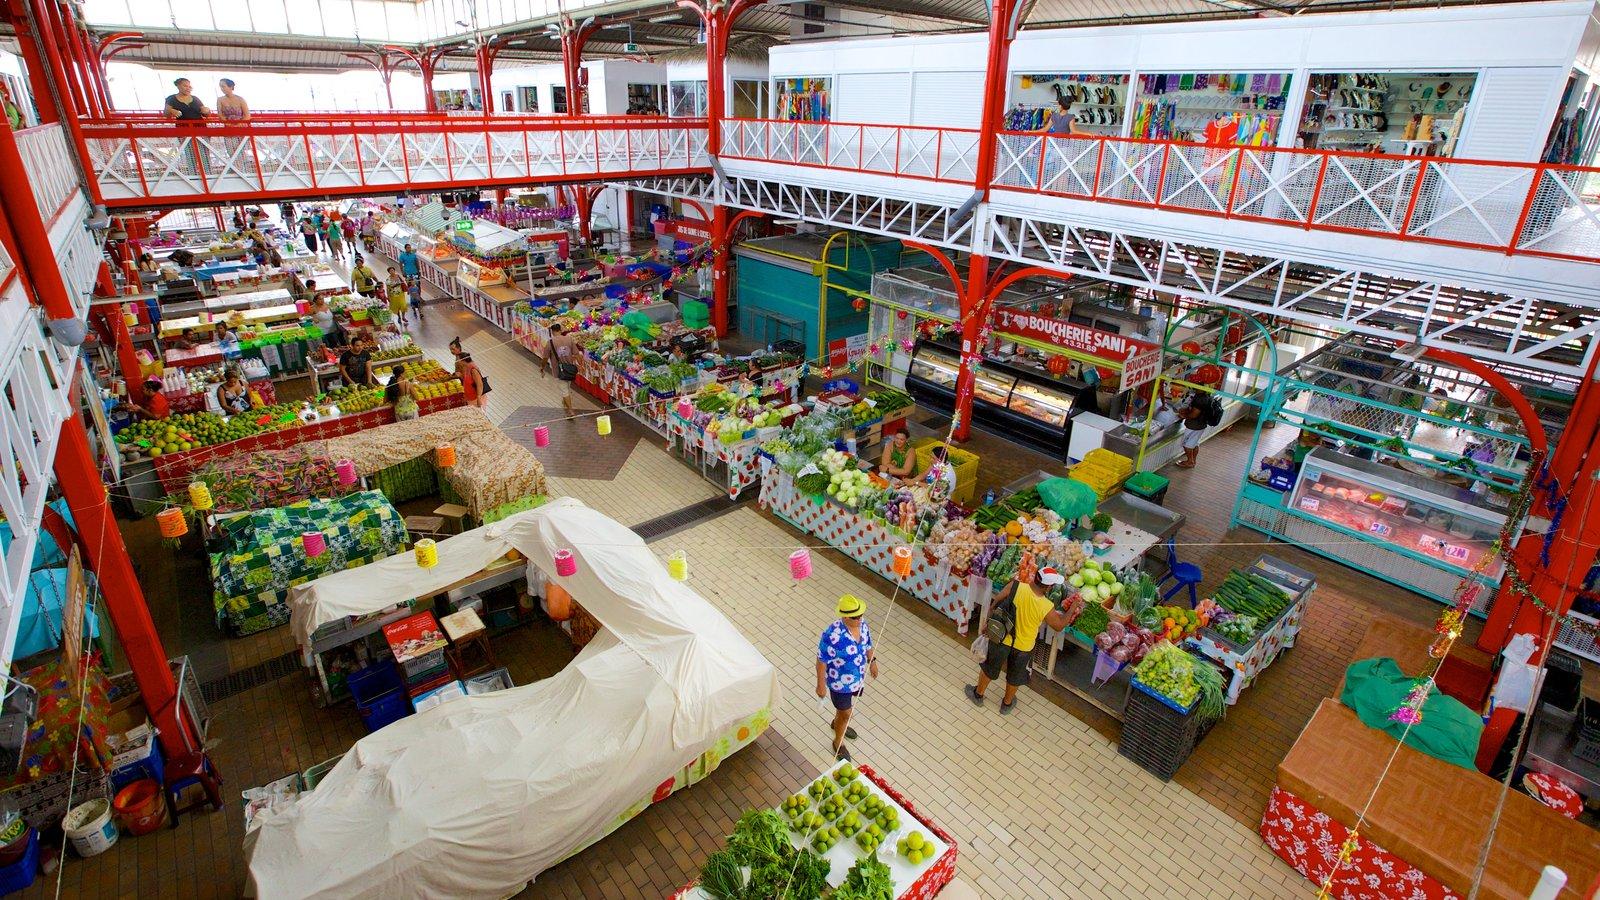 Mercado de Papeete caracterizando mercados